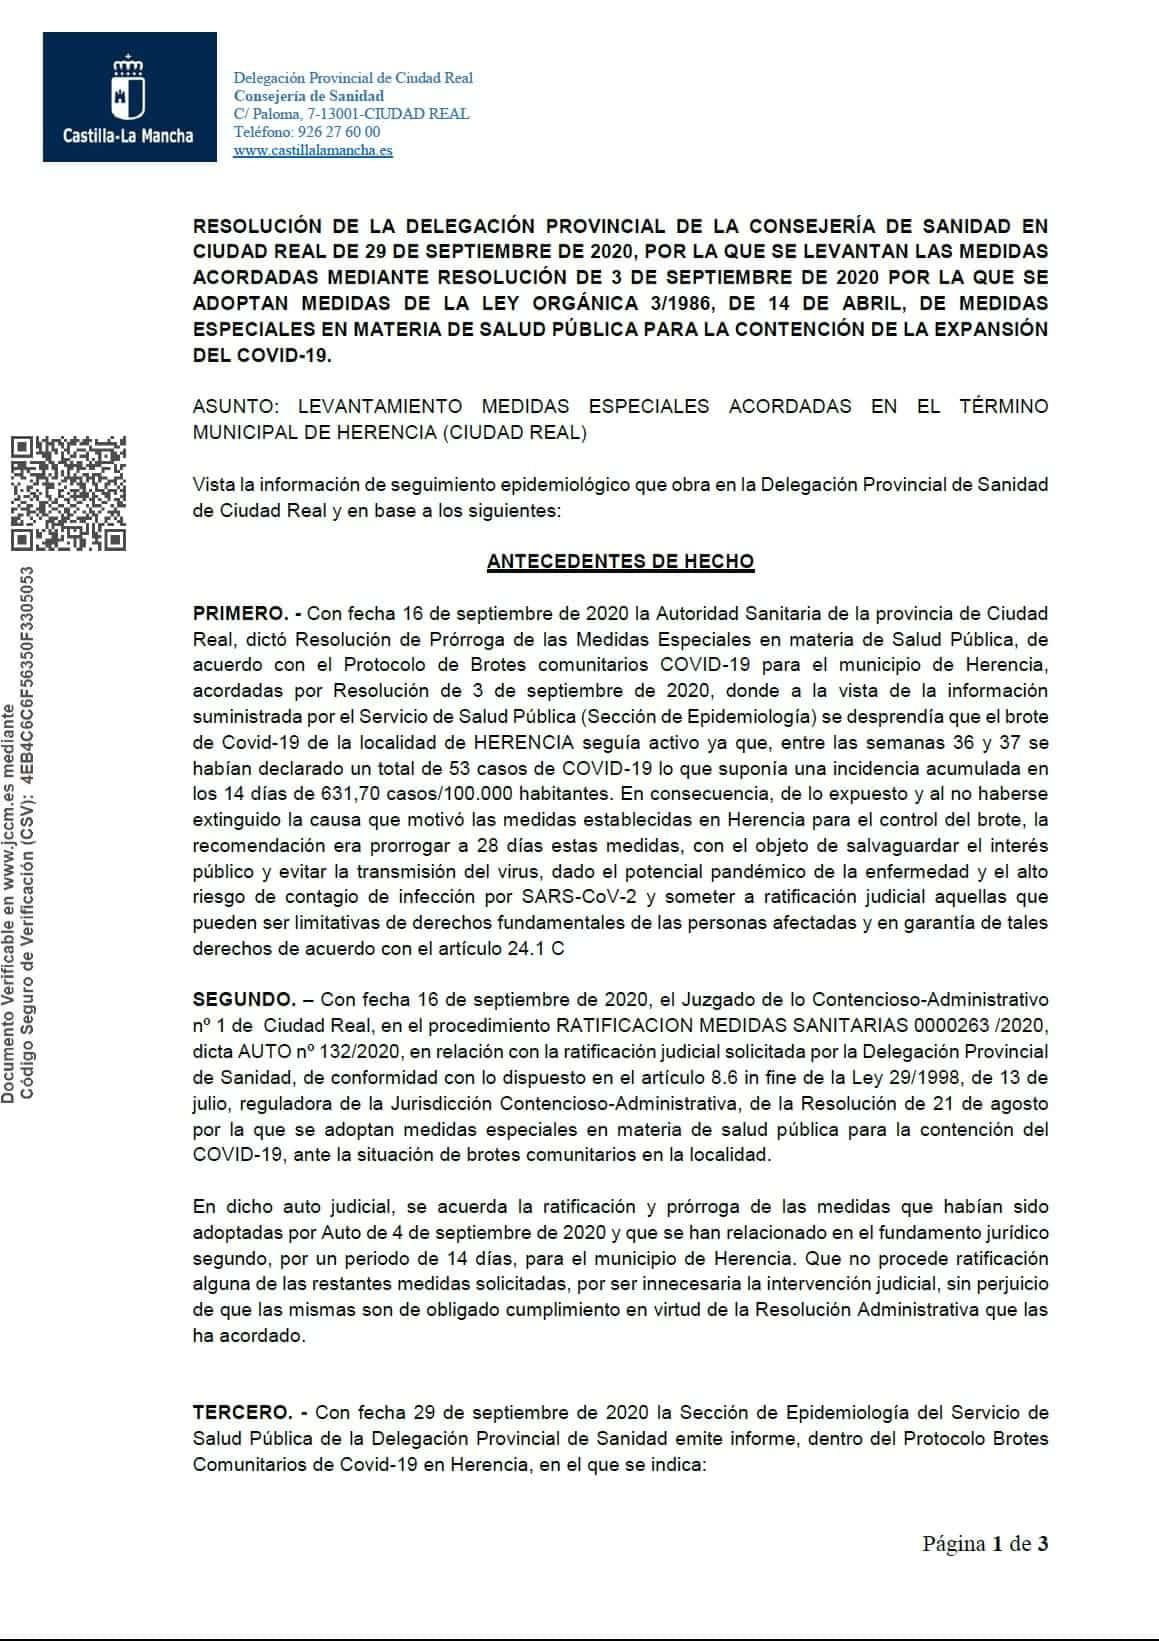 Resolucion herencia levantamiento medidas especiales covid 19 1 - Sanidad levanta la medidas especiales a Herencia desde el 30 de septiembre